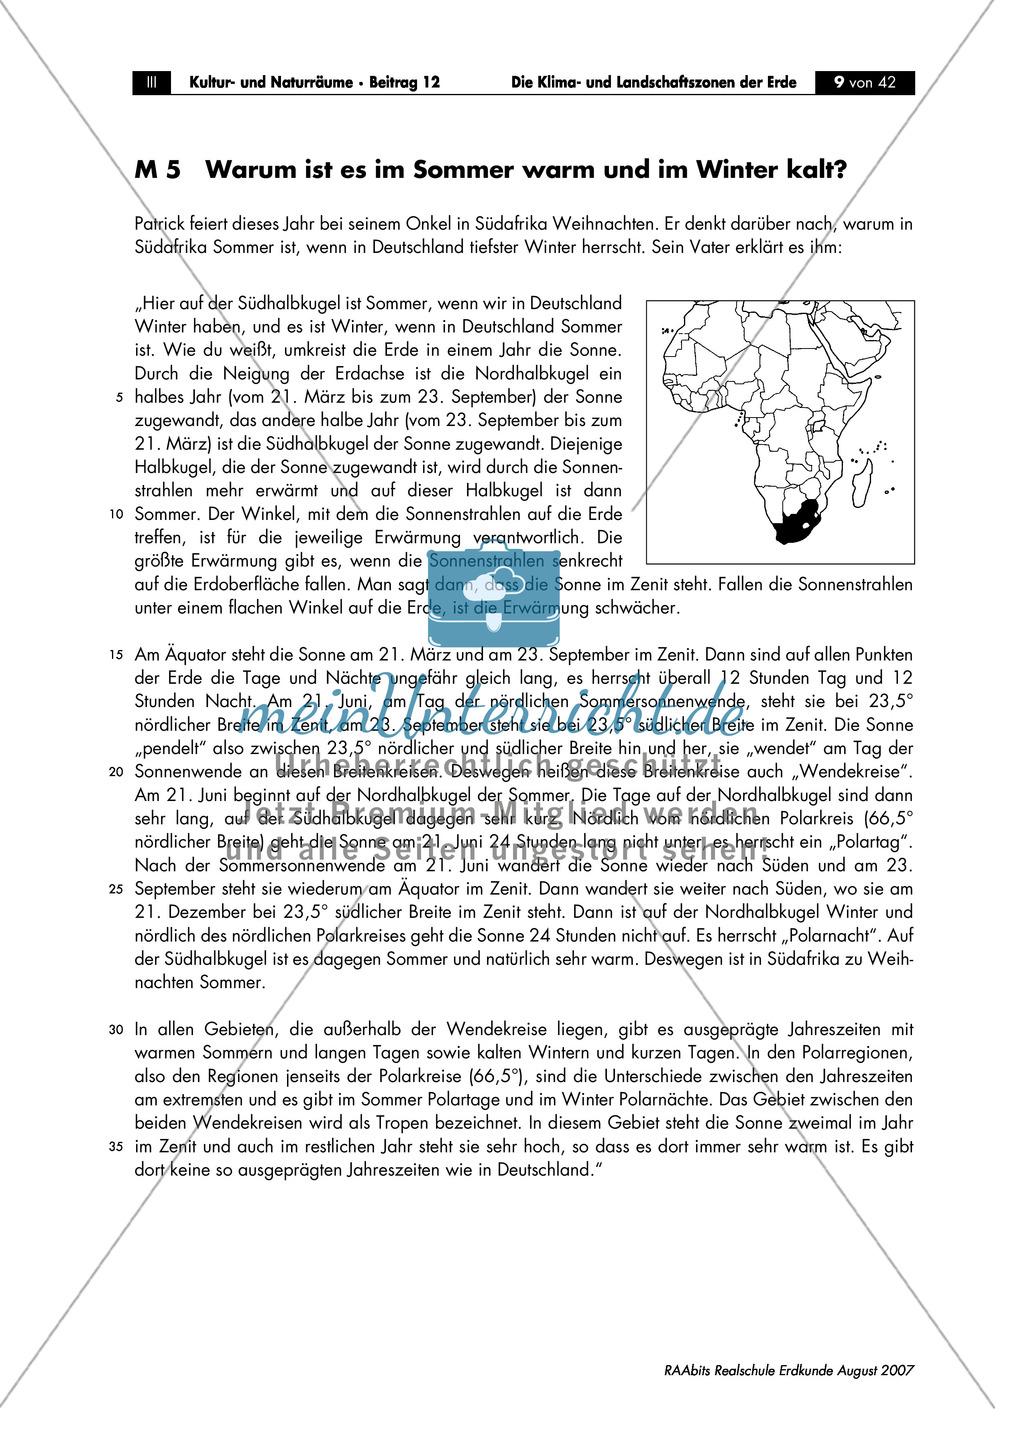 Klima- und Landschaftszonen der Erde: Jahreszeiten auf der Nord- und Südhalbkugel Preview 4